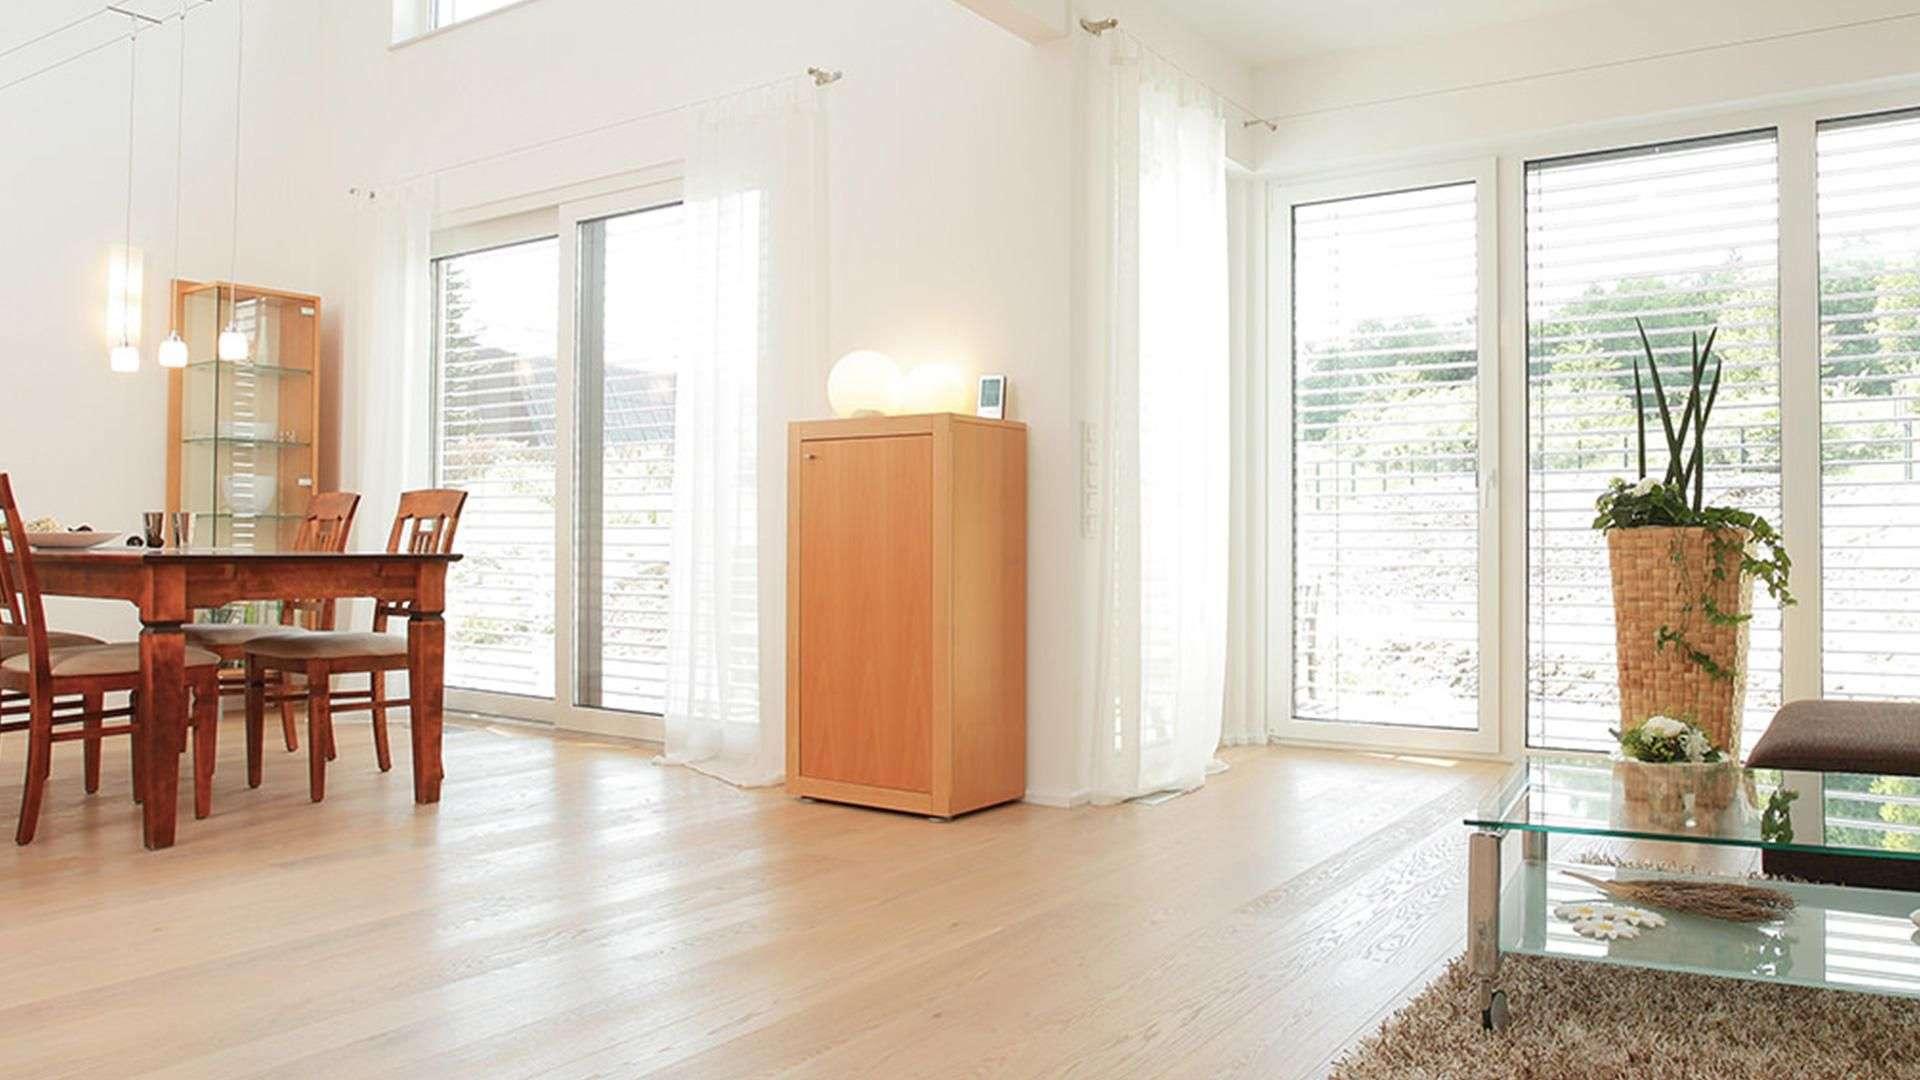 helles Wohnzimmer mit Rollos an den Fenstern